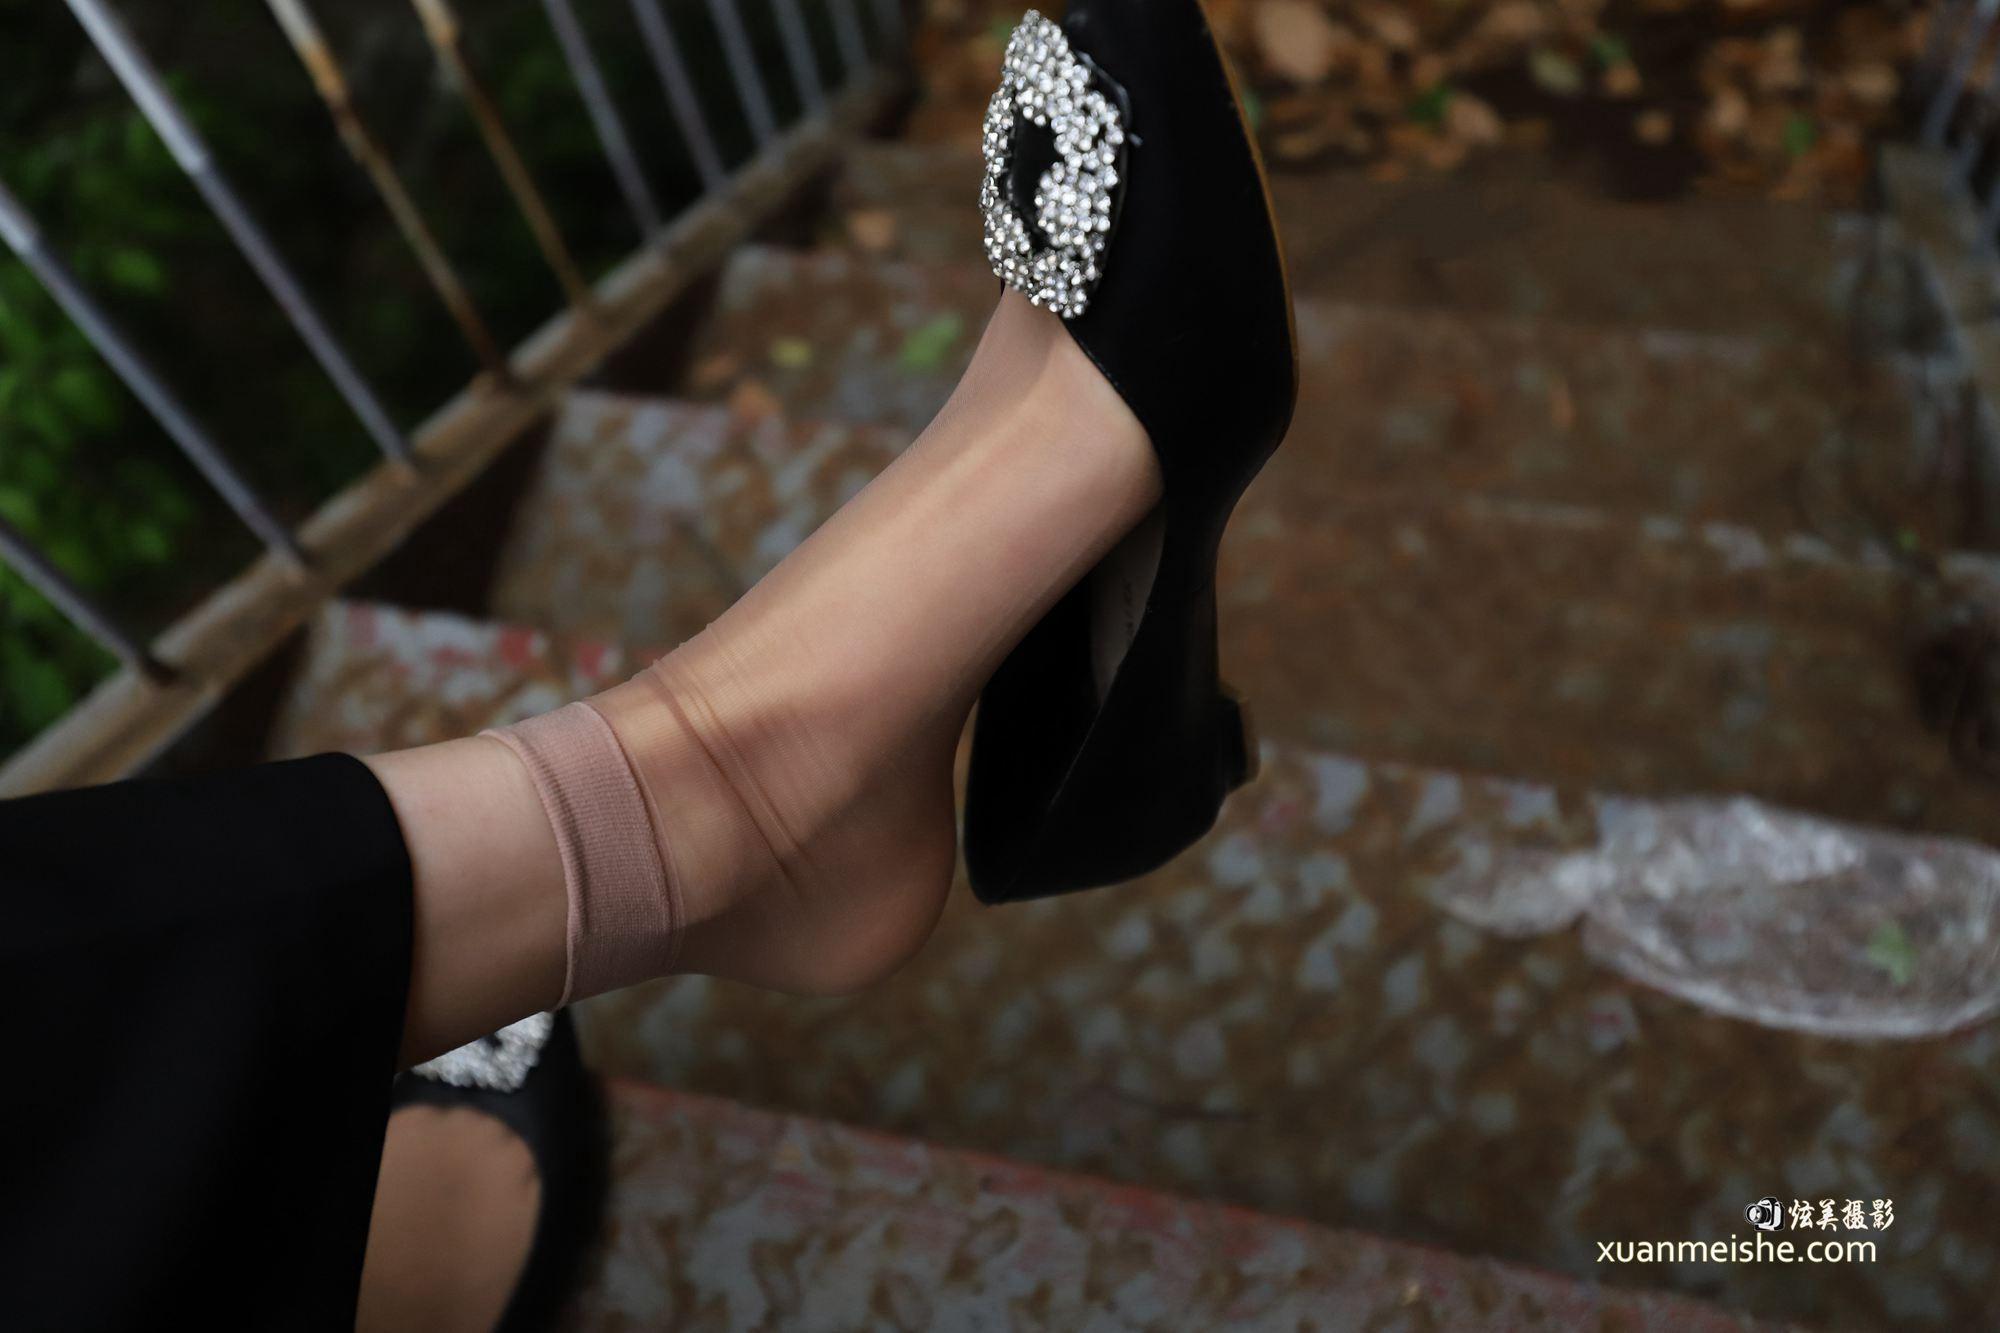 实拍女神给赤足美脚做保养.如何让脚丫超美超吸睛!